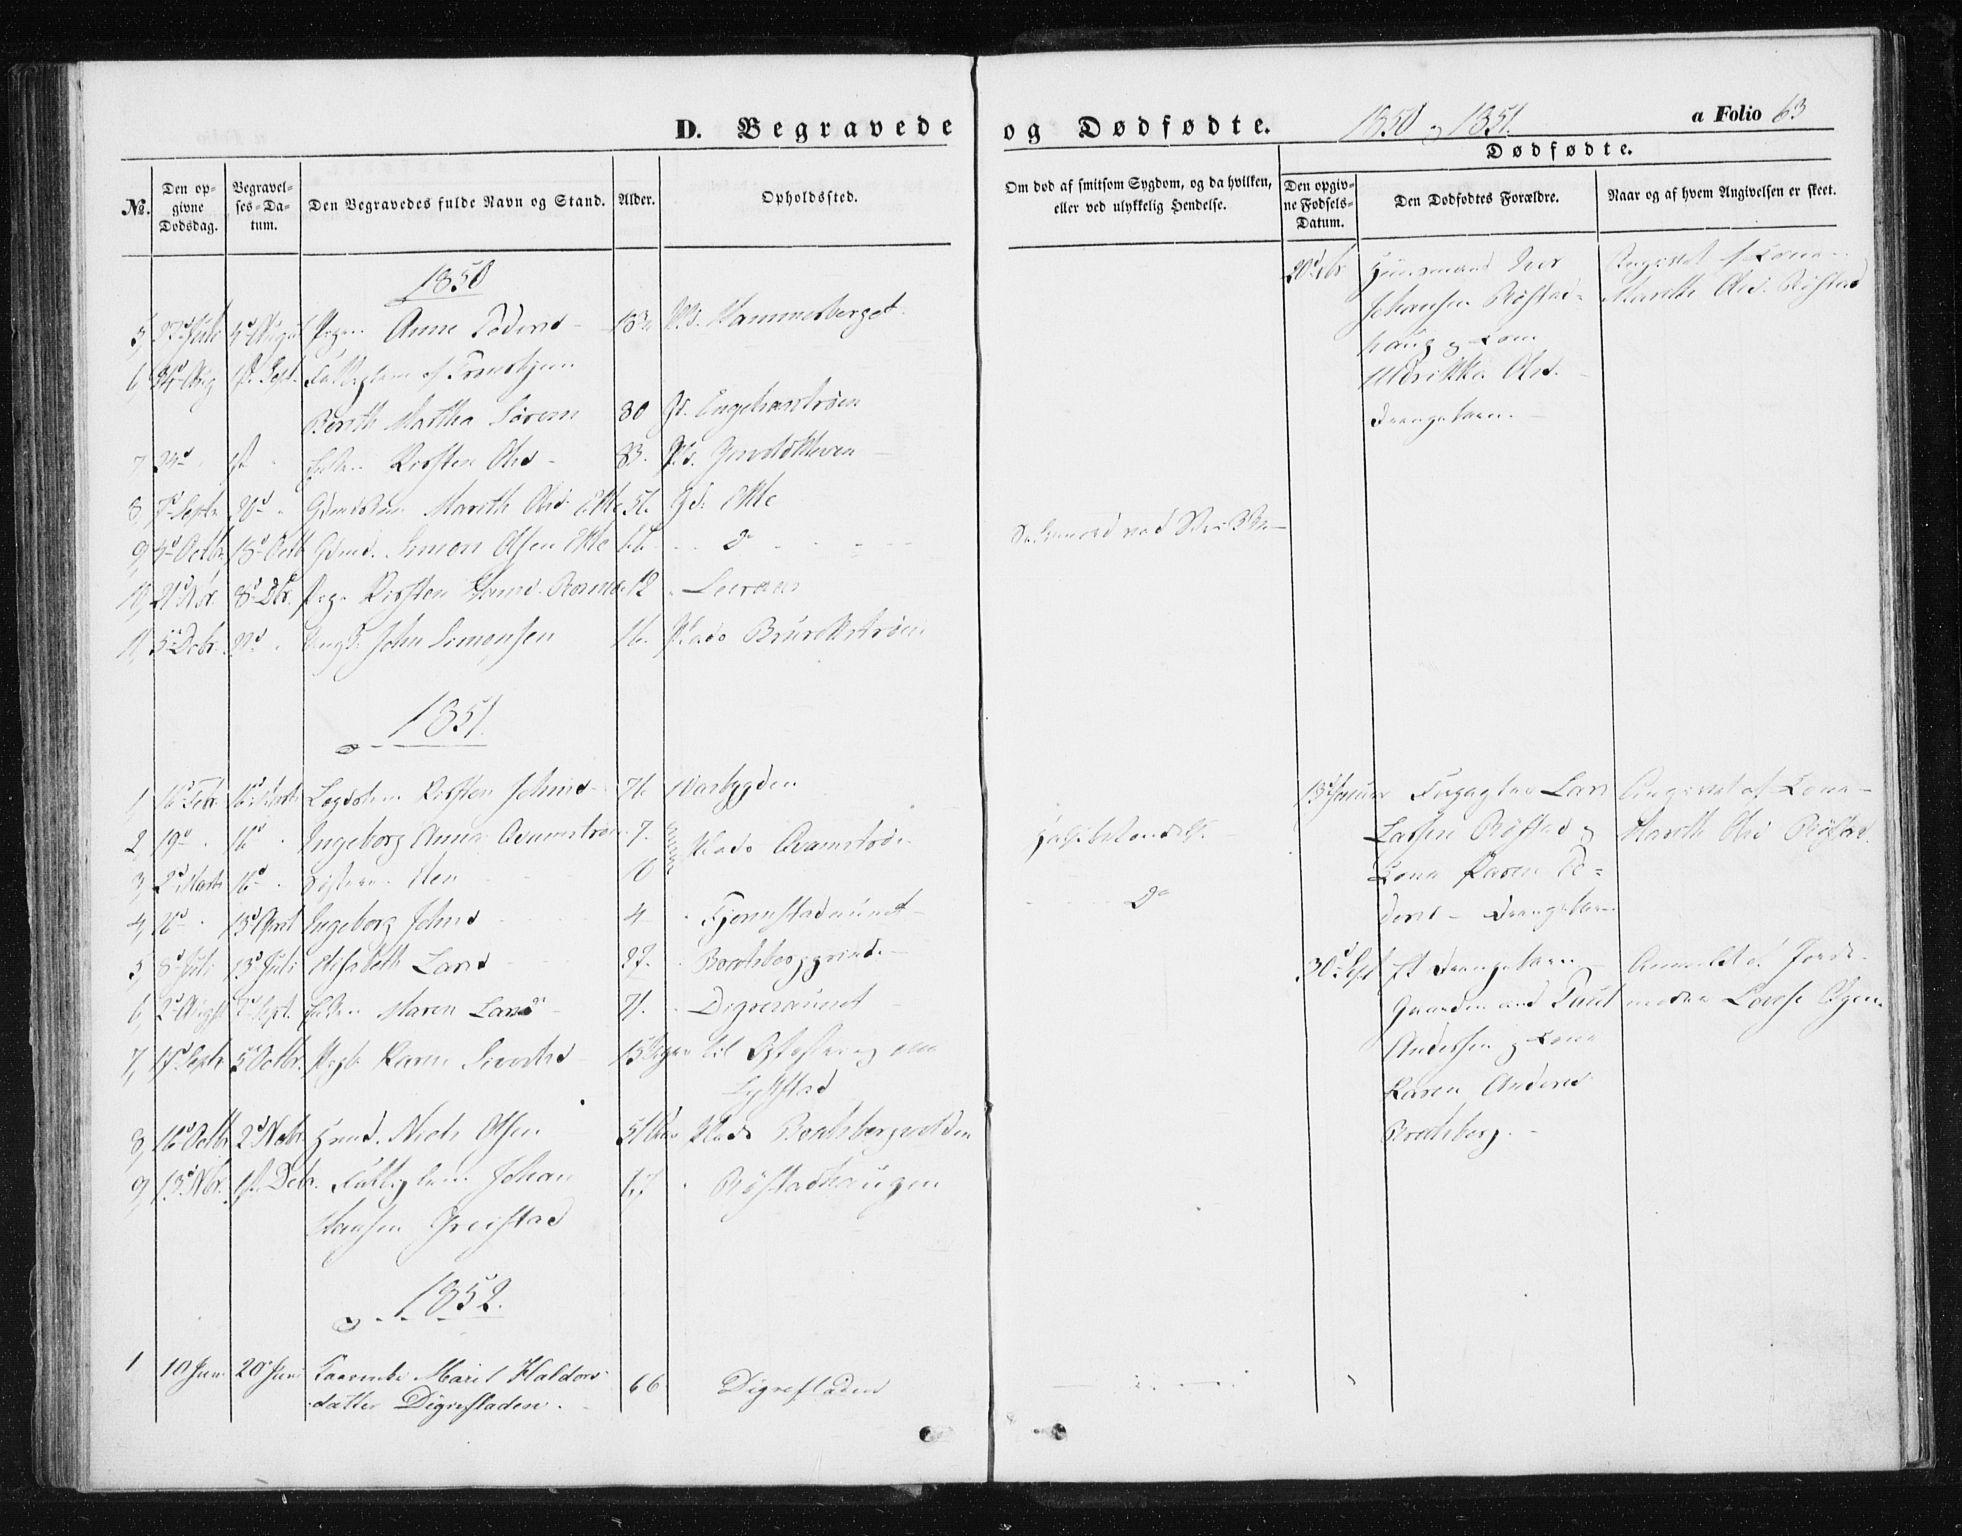 SAT, Ministerialprotokoller, klokkerbøker og fødselsregistre - Sør-Trøndelag, 608/L0332: Ministerialbok nr. 608A01, 1848-1861, s. 63